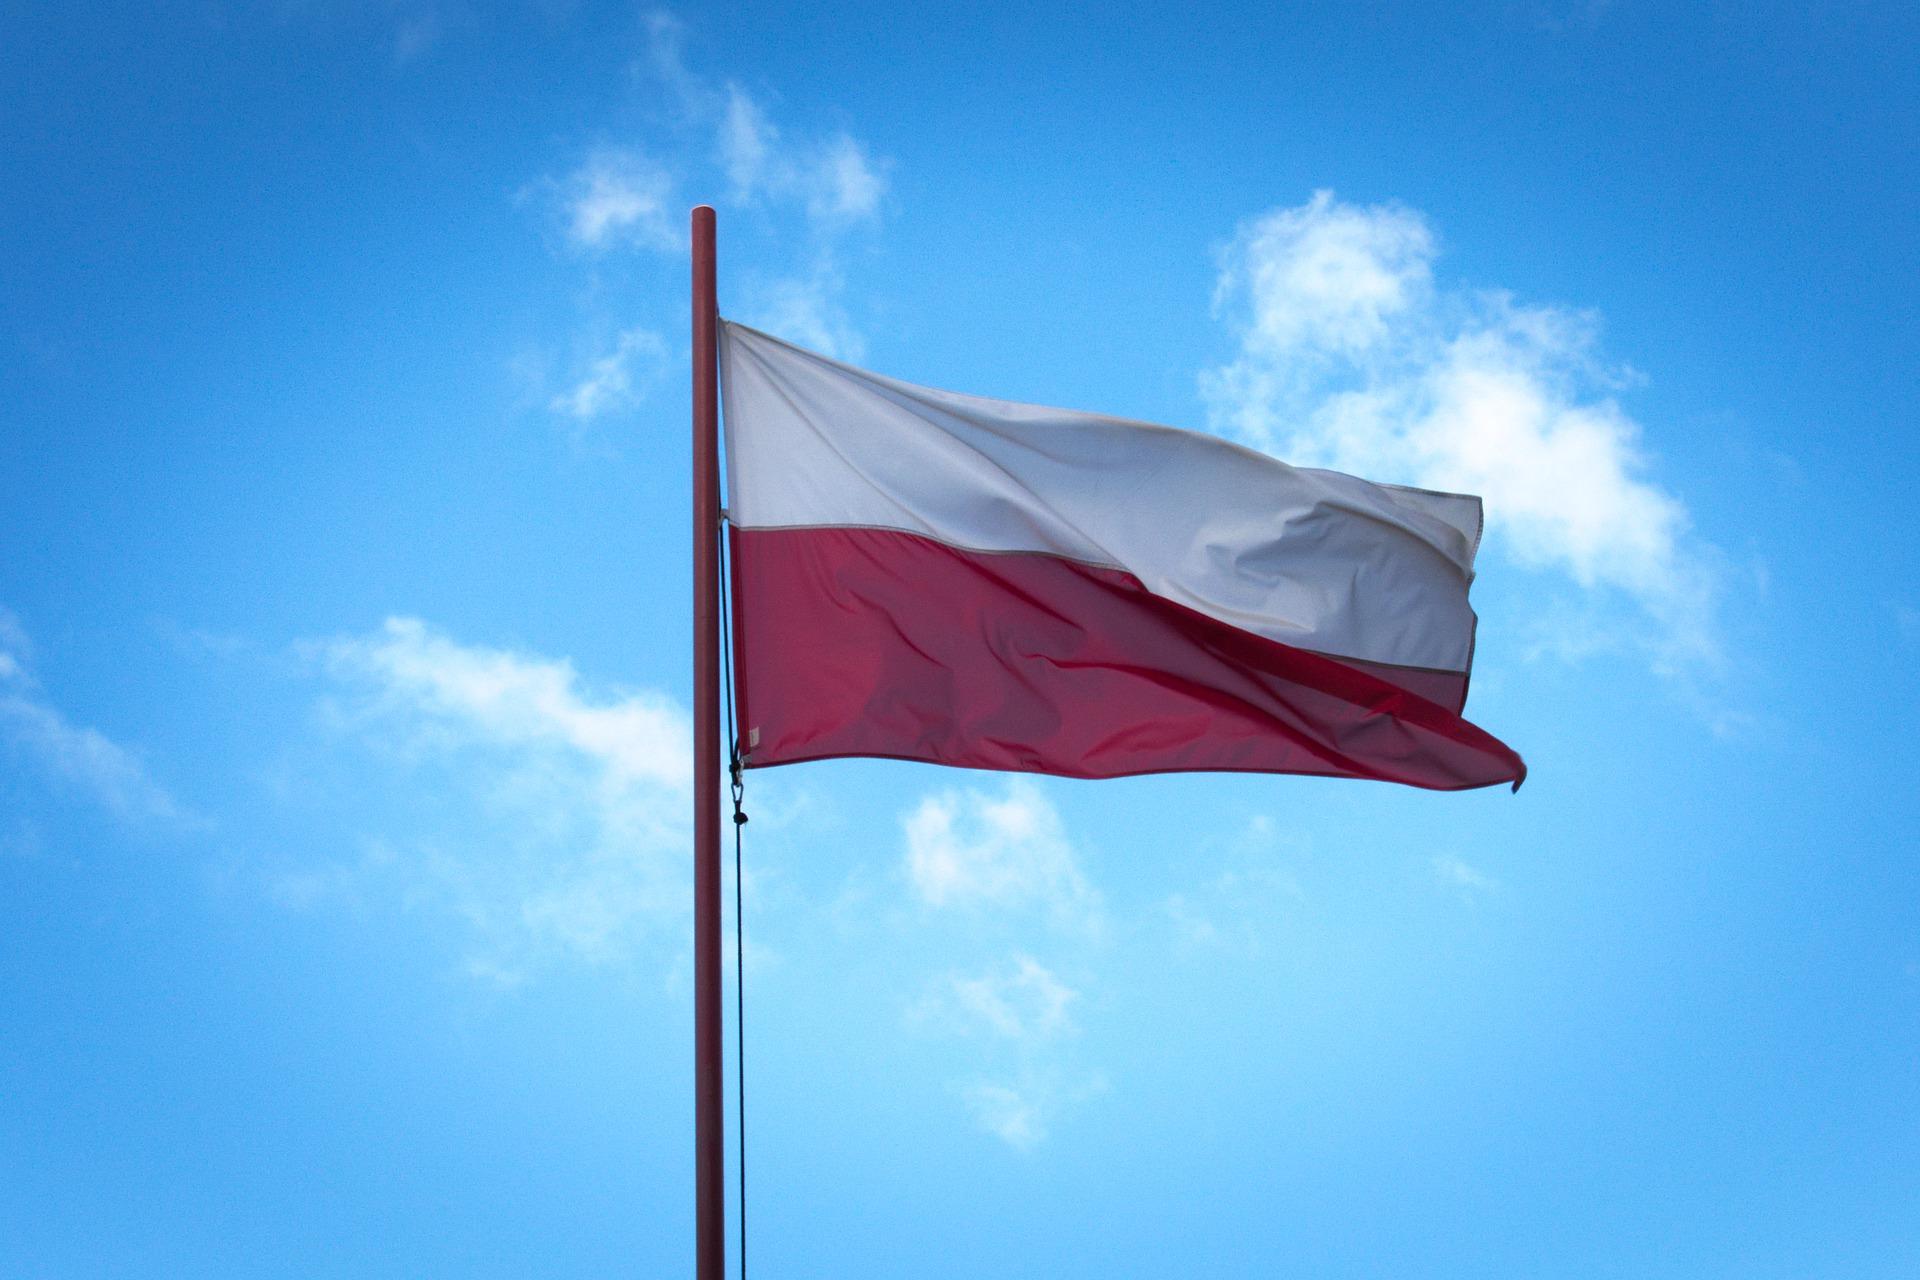 Trzydniowa majówka trwa. Biało-czerwona-flaga na urzędach, domach i ulicach